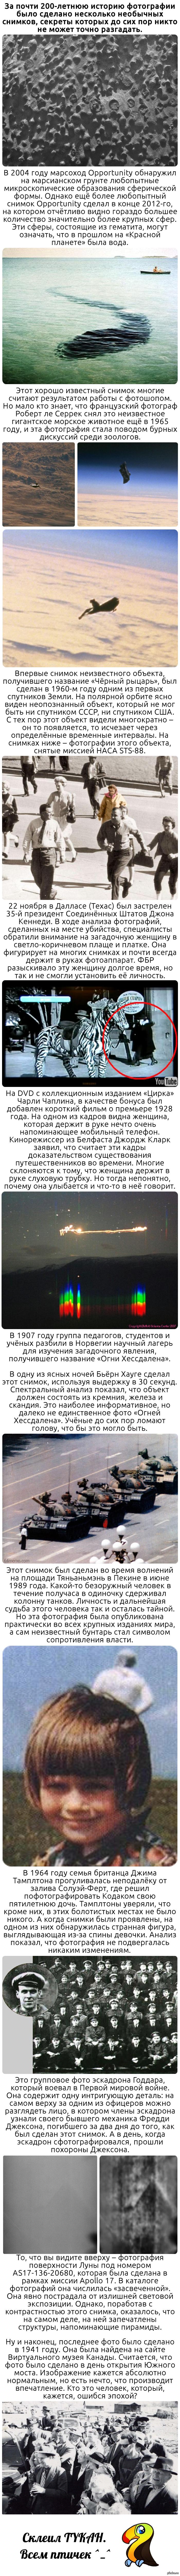 http://s.pikabu.ru/post_img/2013/07/29/8/1375096370_397256614.png